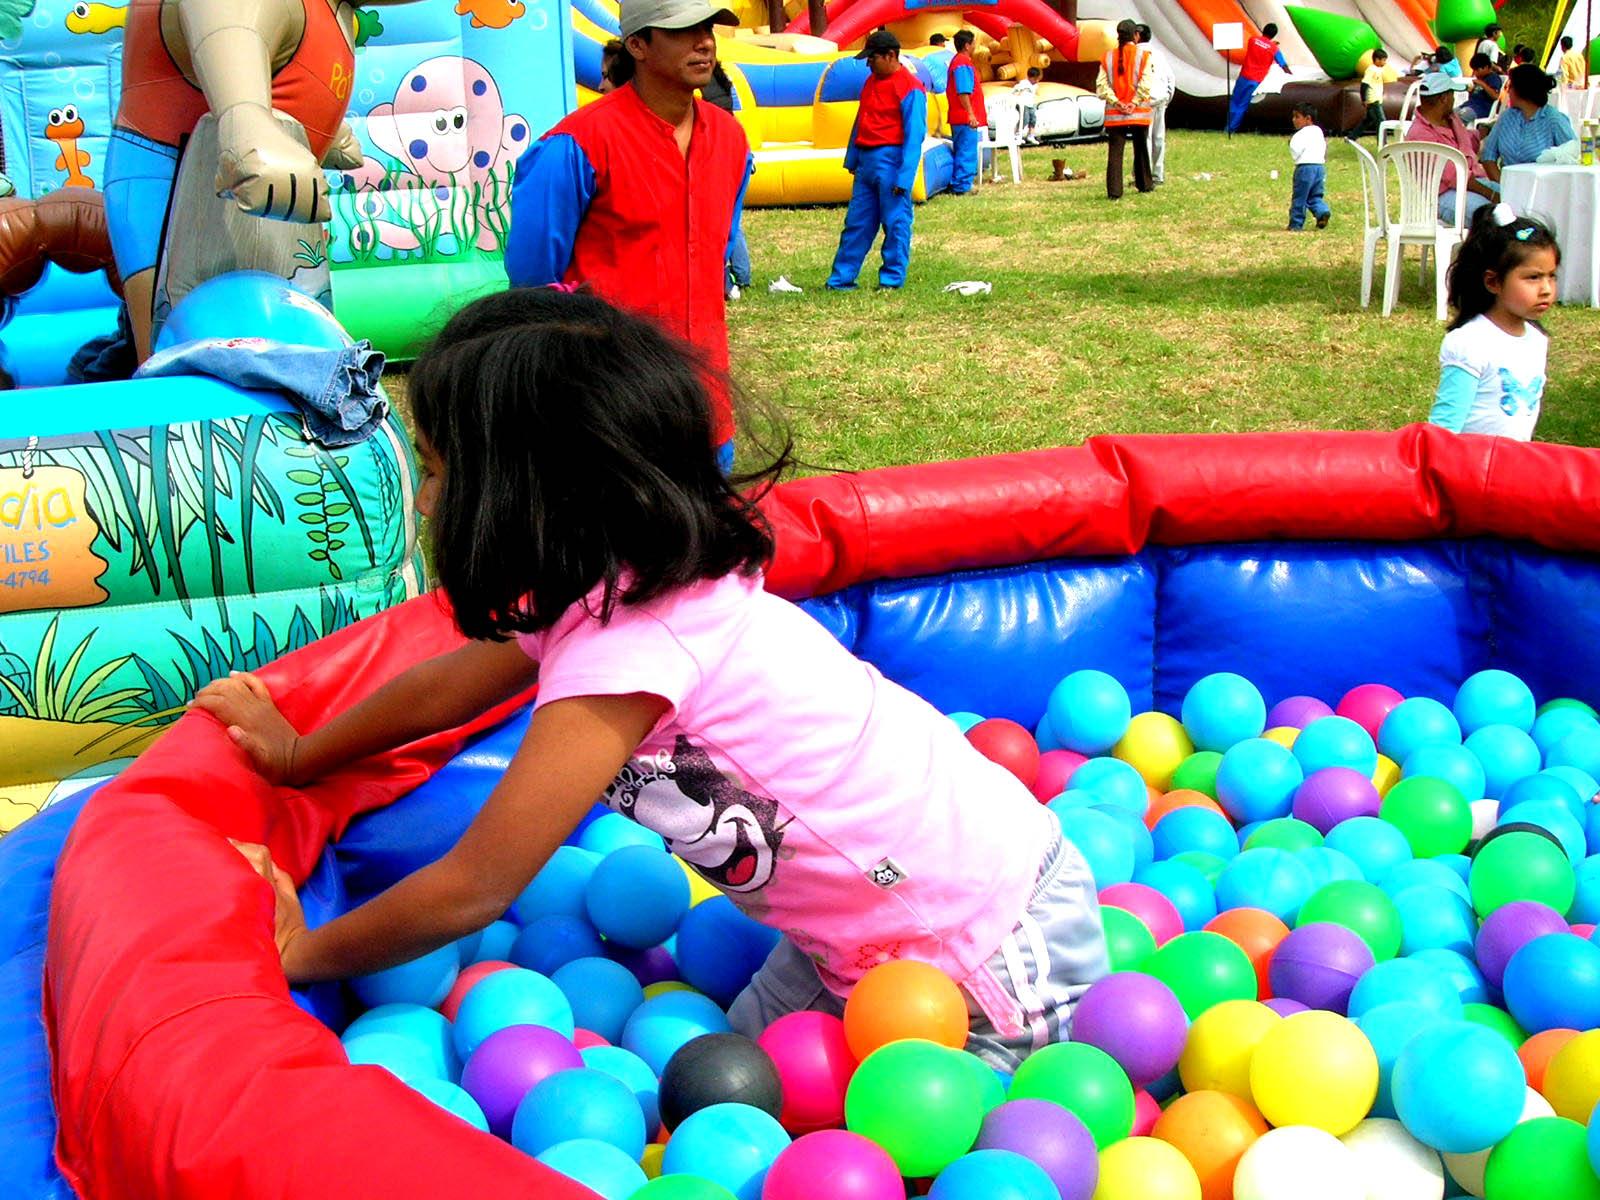 Alquiler De Juegos Inflables Para Cumpleanos Y Fiestas En Lima Peru